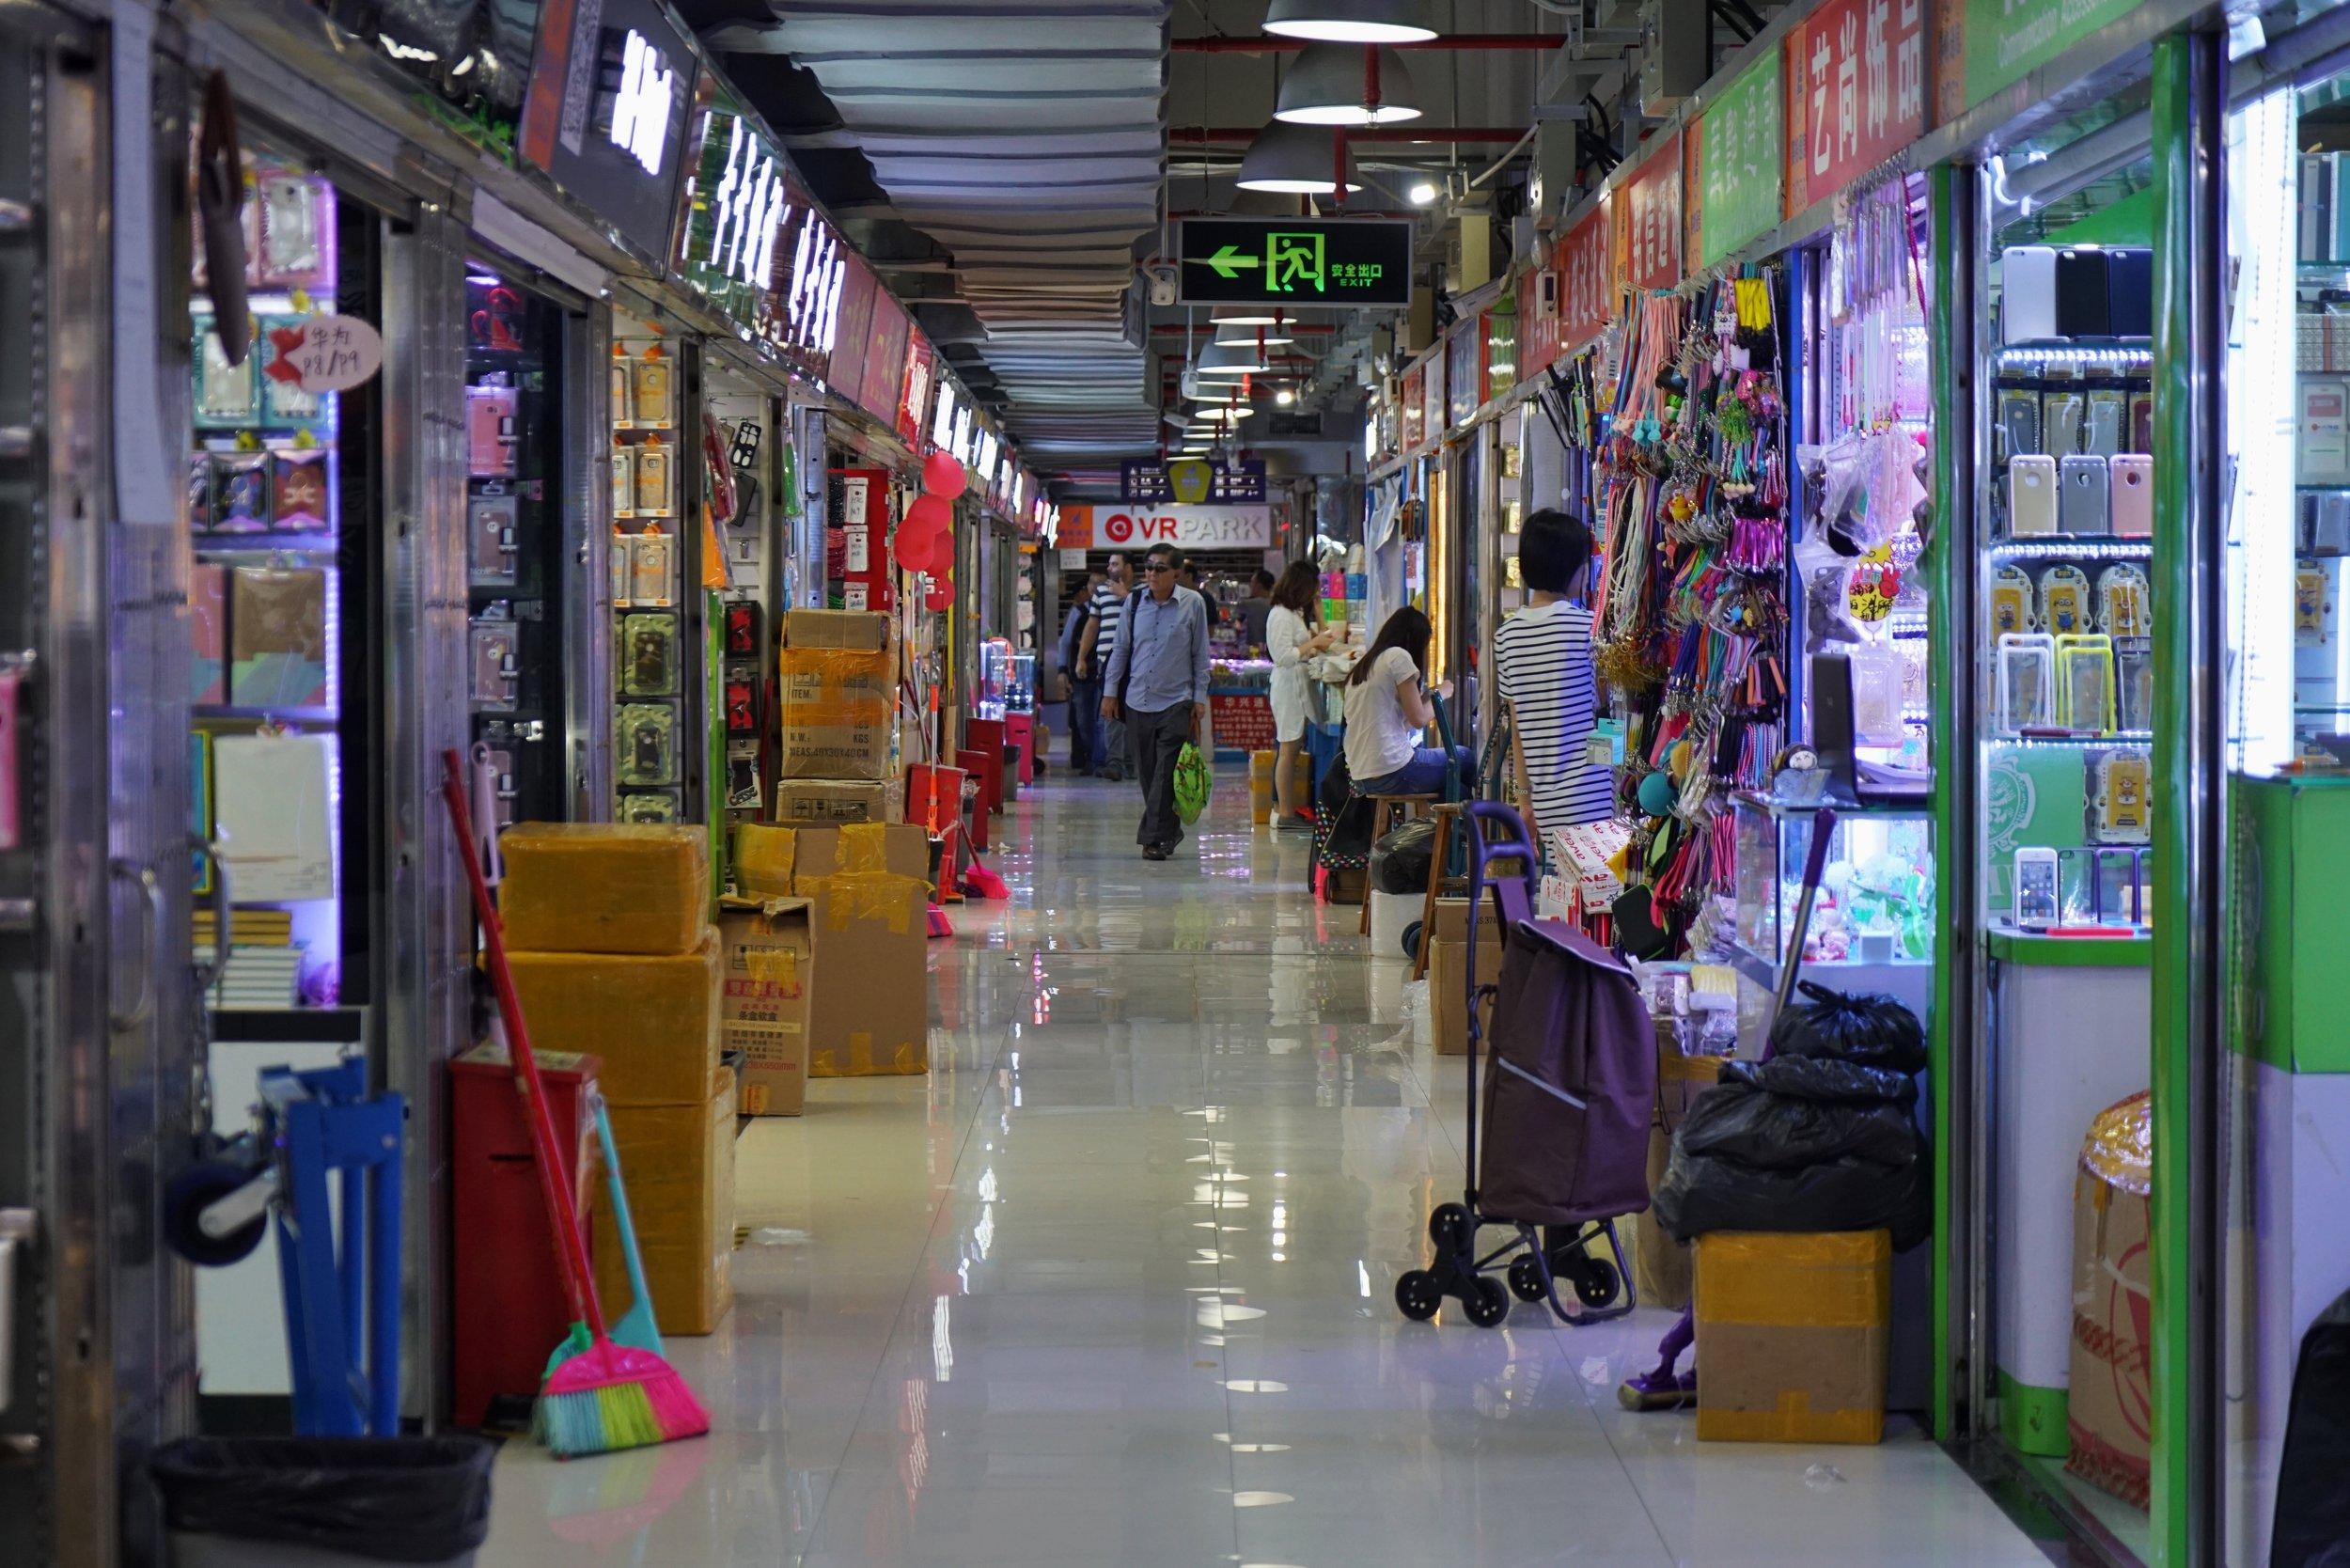 2-Shenzhen-interior1.jpg